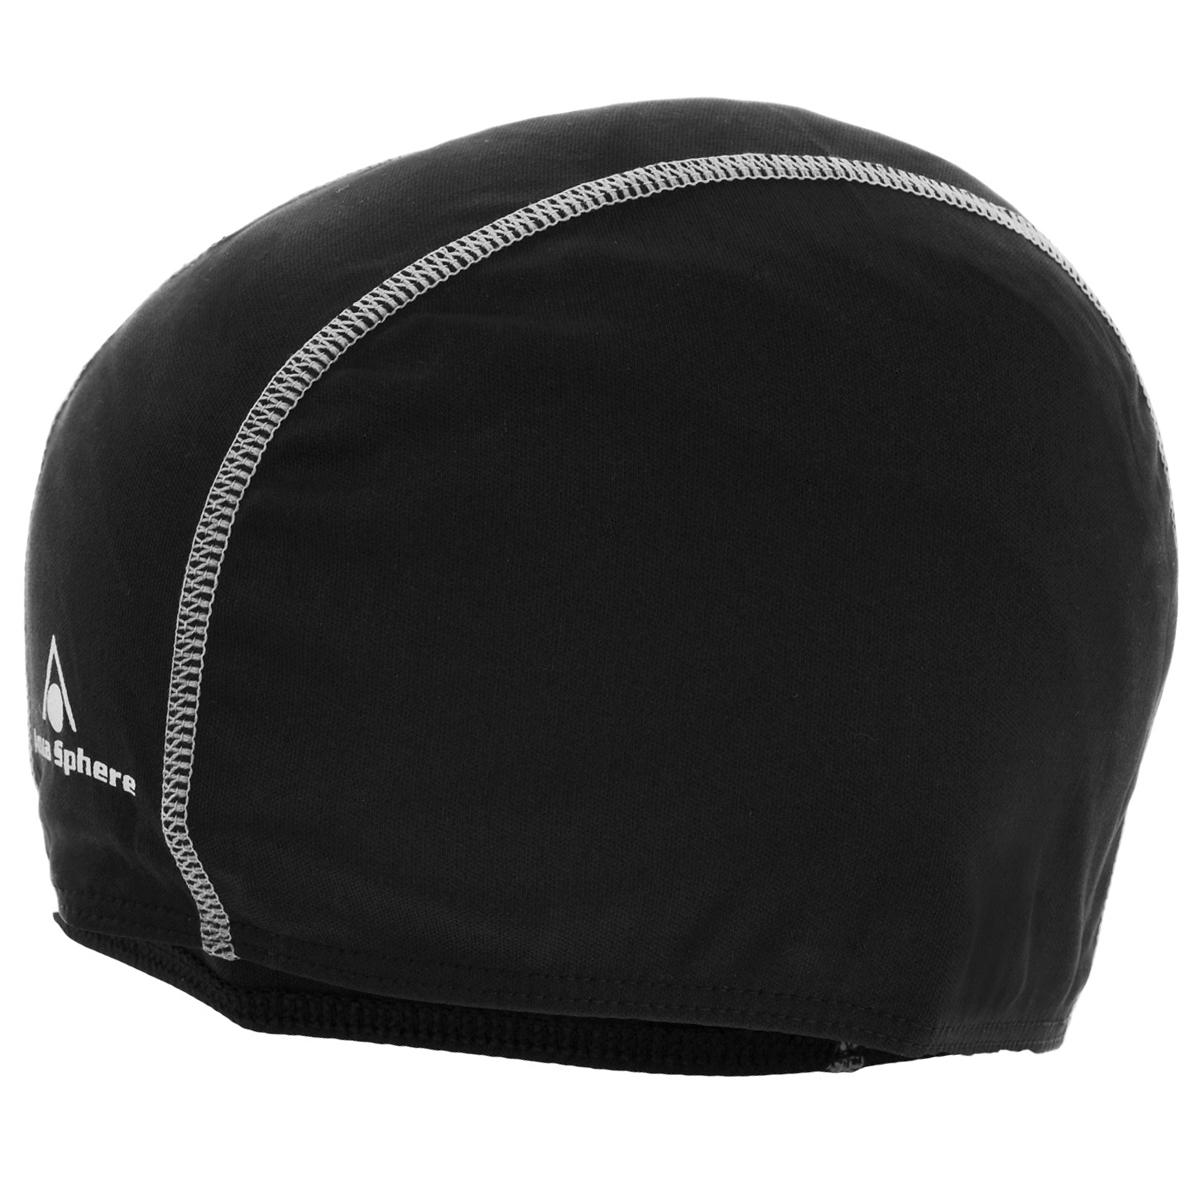 Шапочка для плавания Aqua Sphere Easy Cap, взрослая, цвет: черный10007080Шапочка для плавания Aqua Sphere Easy Cap традиционной формы изготовлена из высококачественного прочного полиэстера. Материал делает ее легкой и суперэластичной.